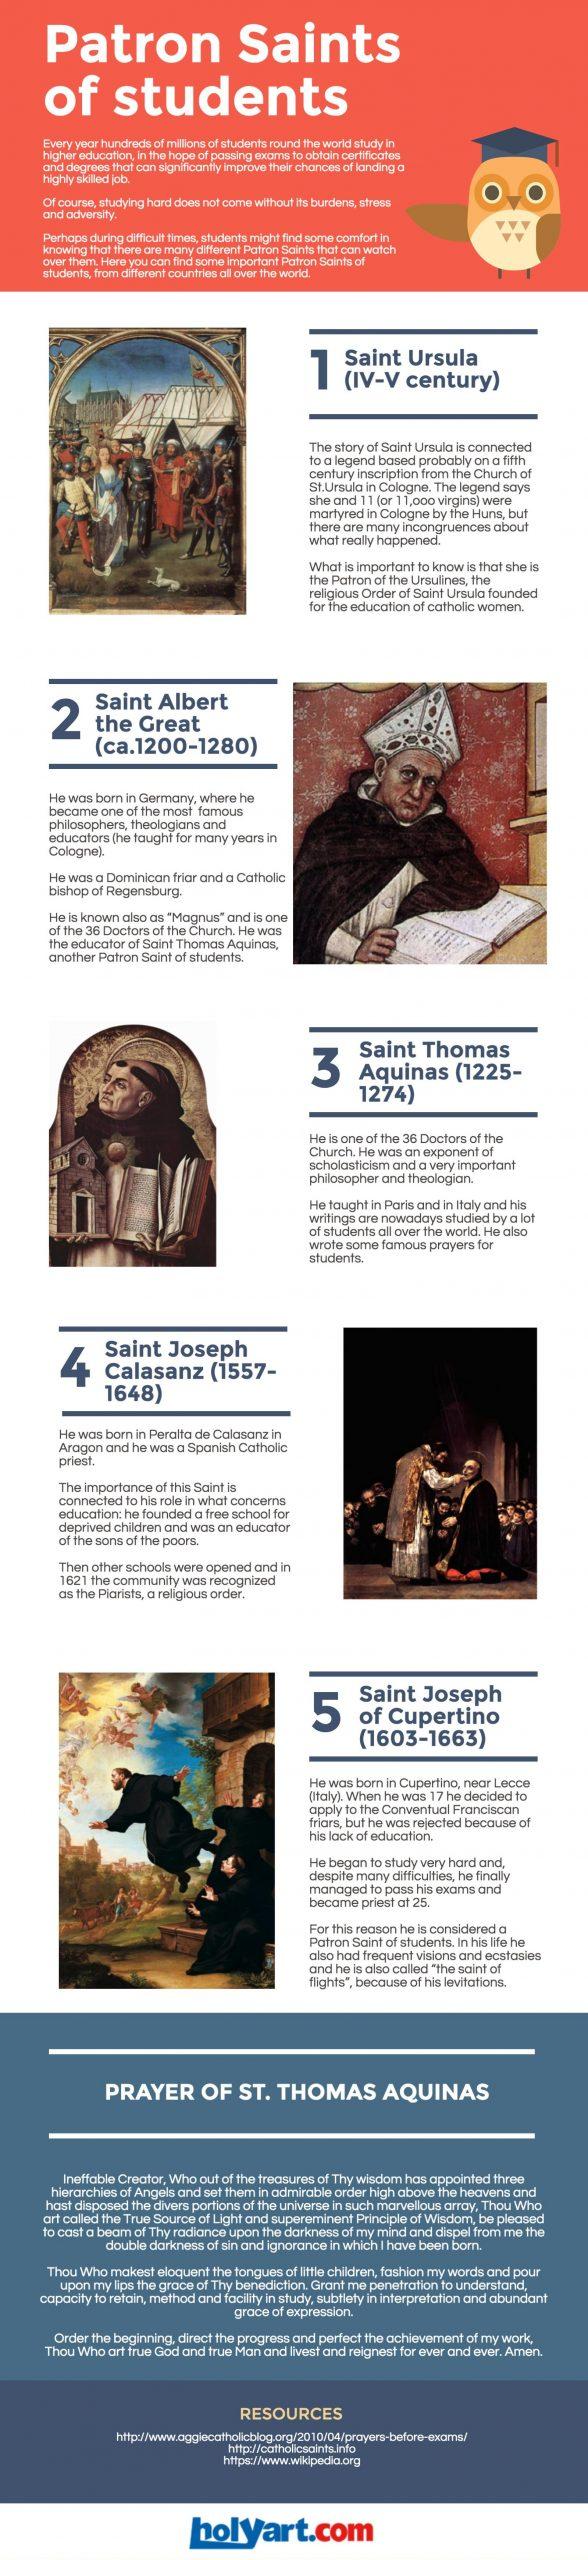 5 patron saints for students